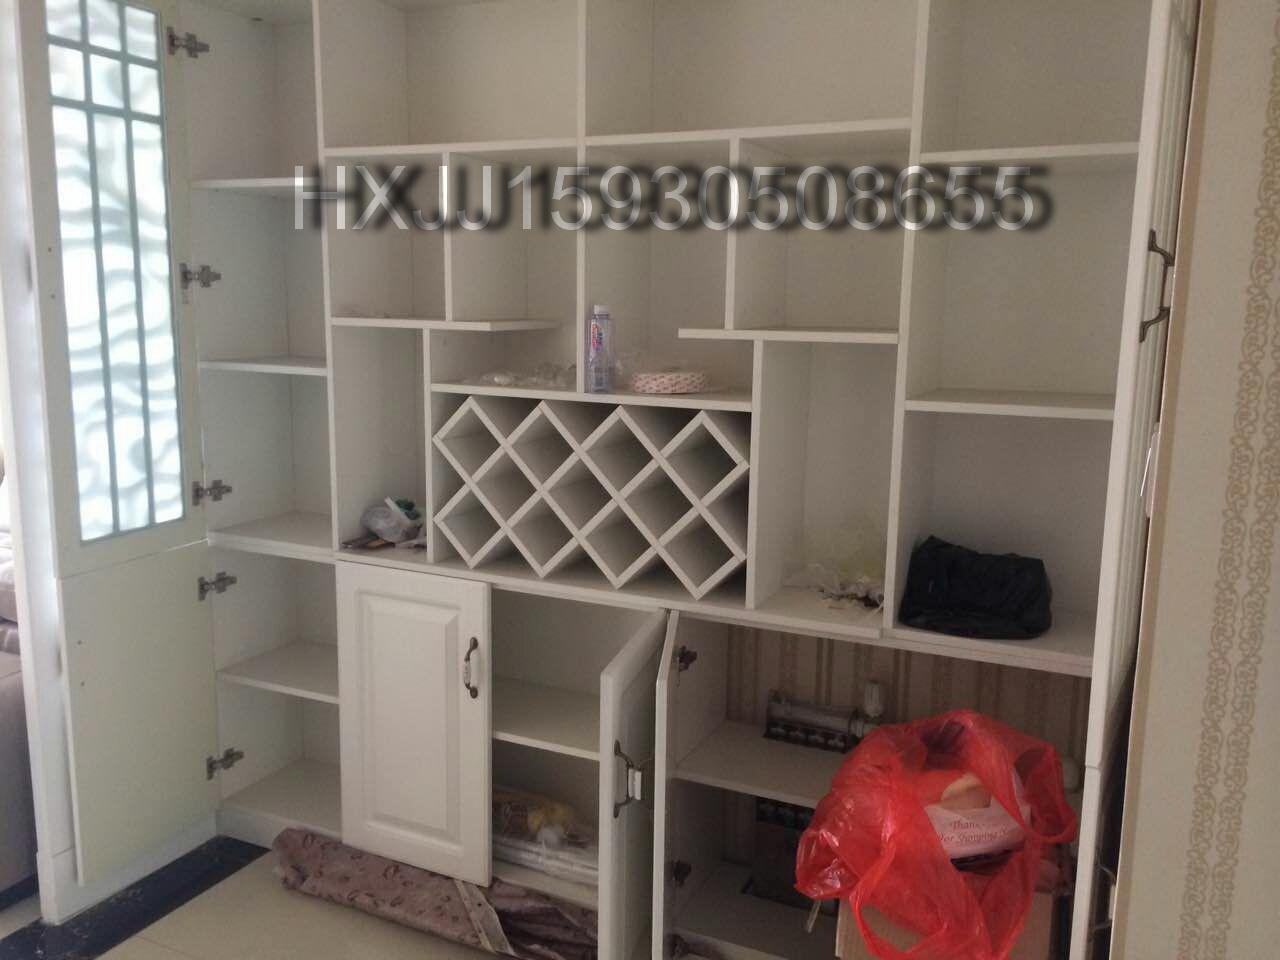 酒柜,鞋柜,实木门,实木复合门,榻榻米,整体橱房,实木衣柜,镂空雕花